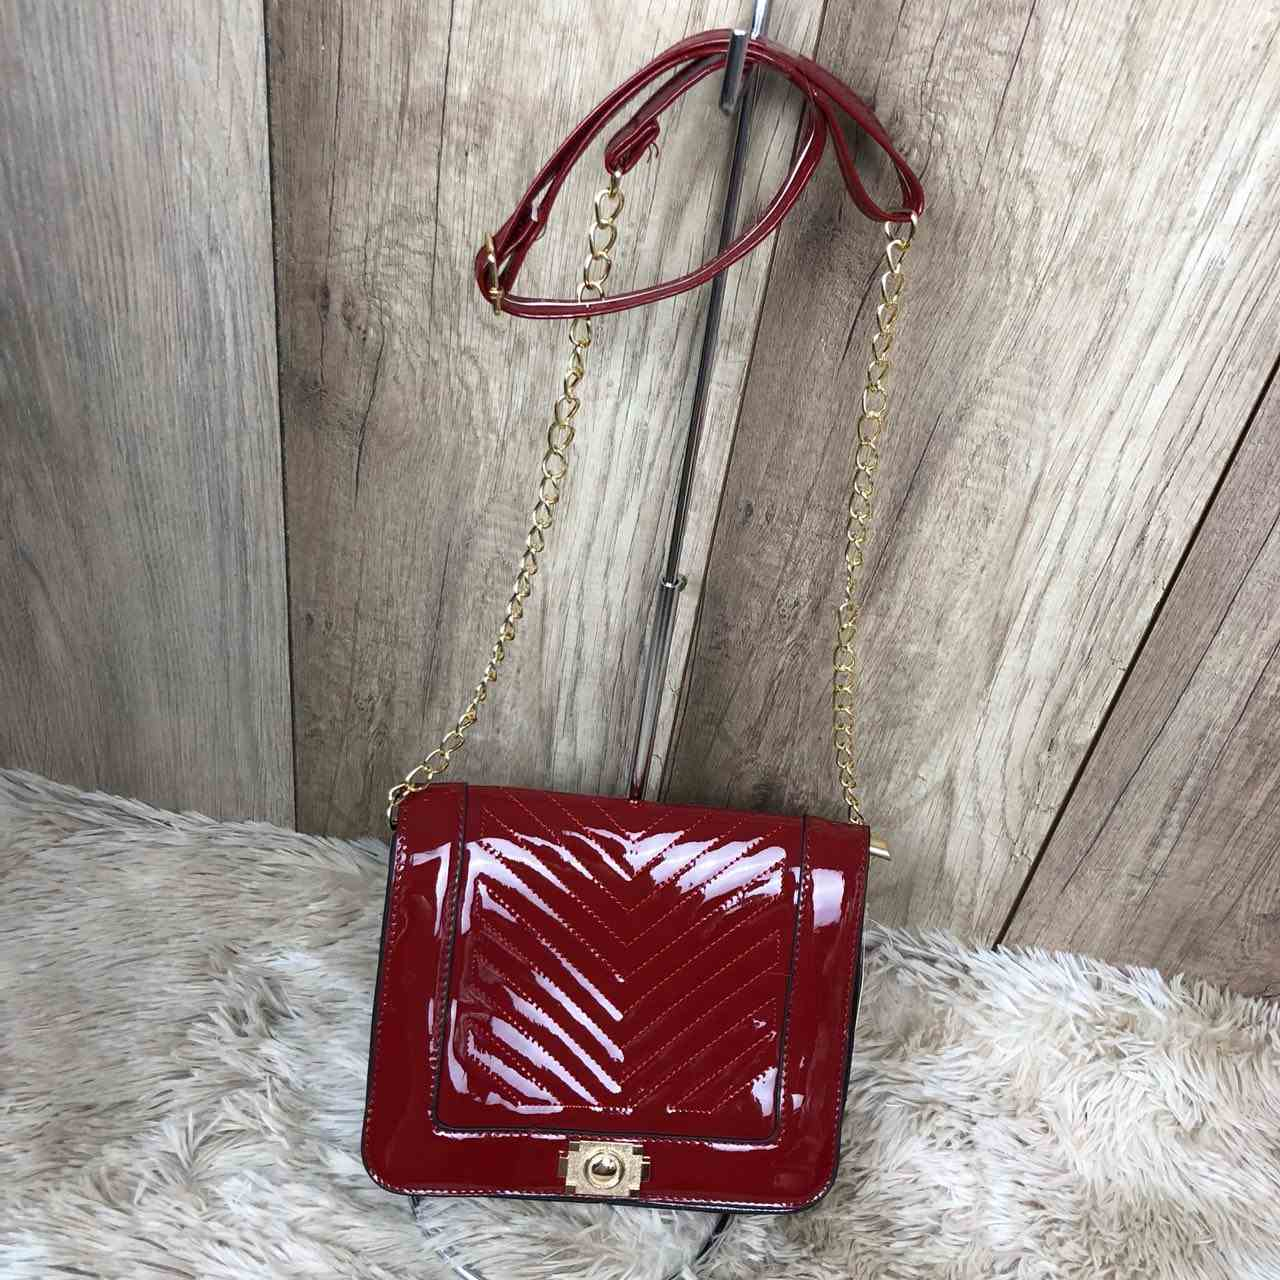 fe2ec4d76 Bolsa Feminina Pequena Vermelha Envernizada Alça Com Corrente Ajustável